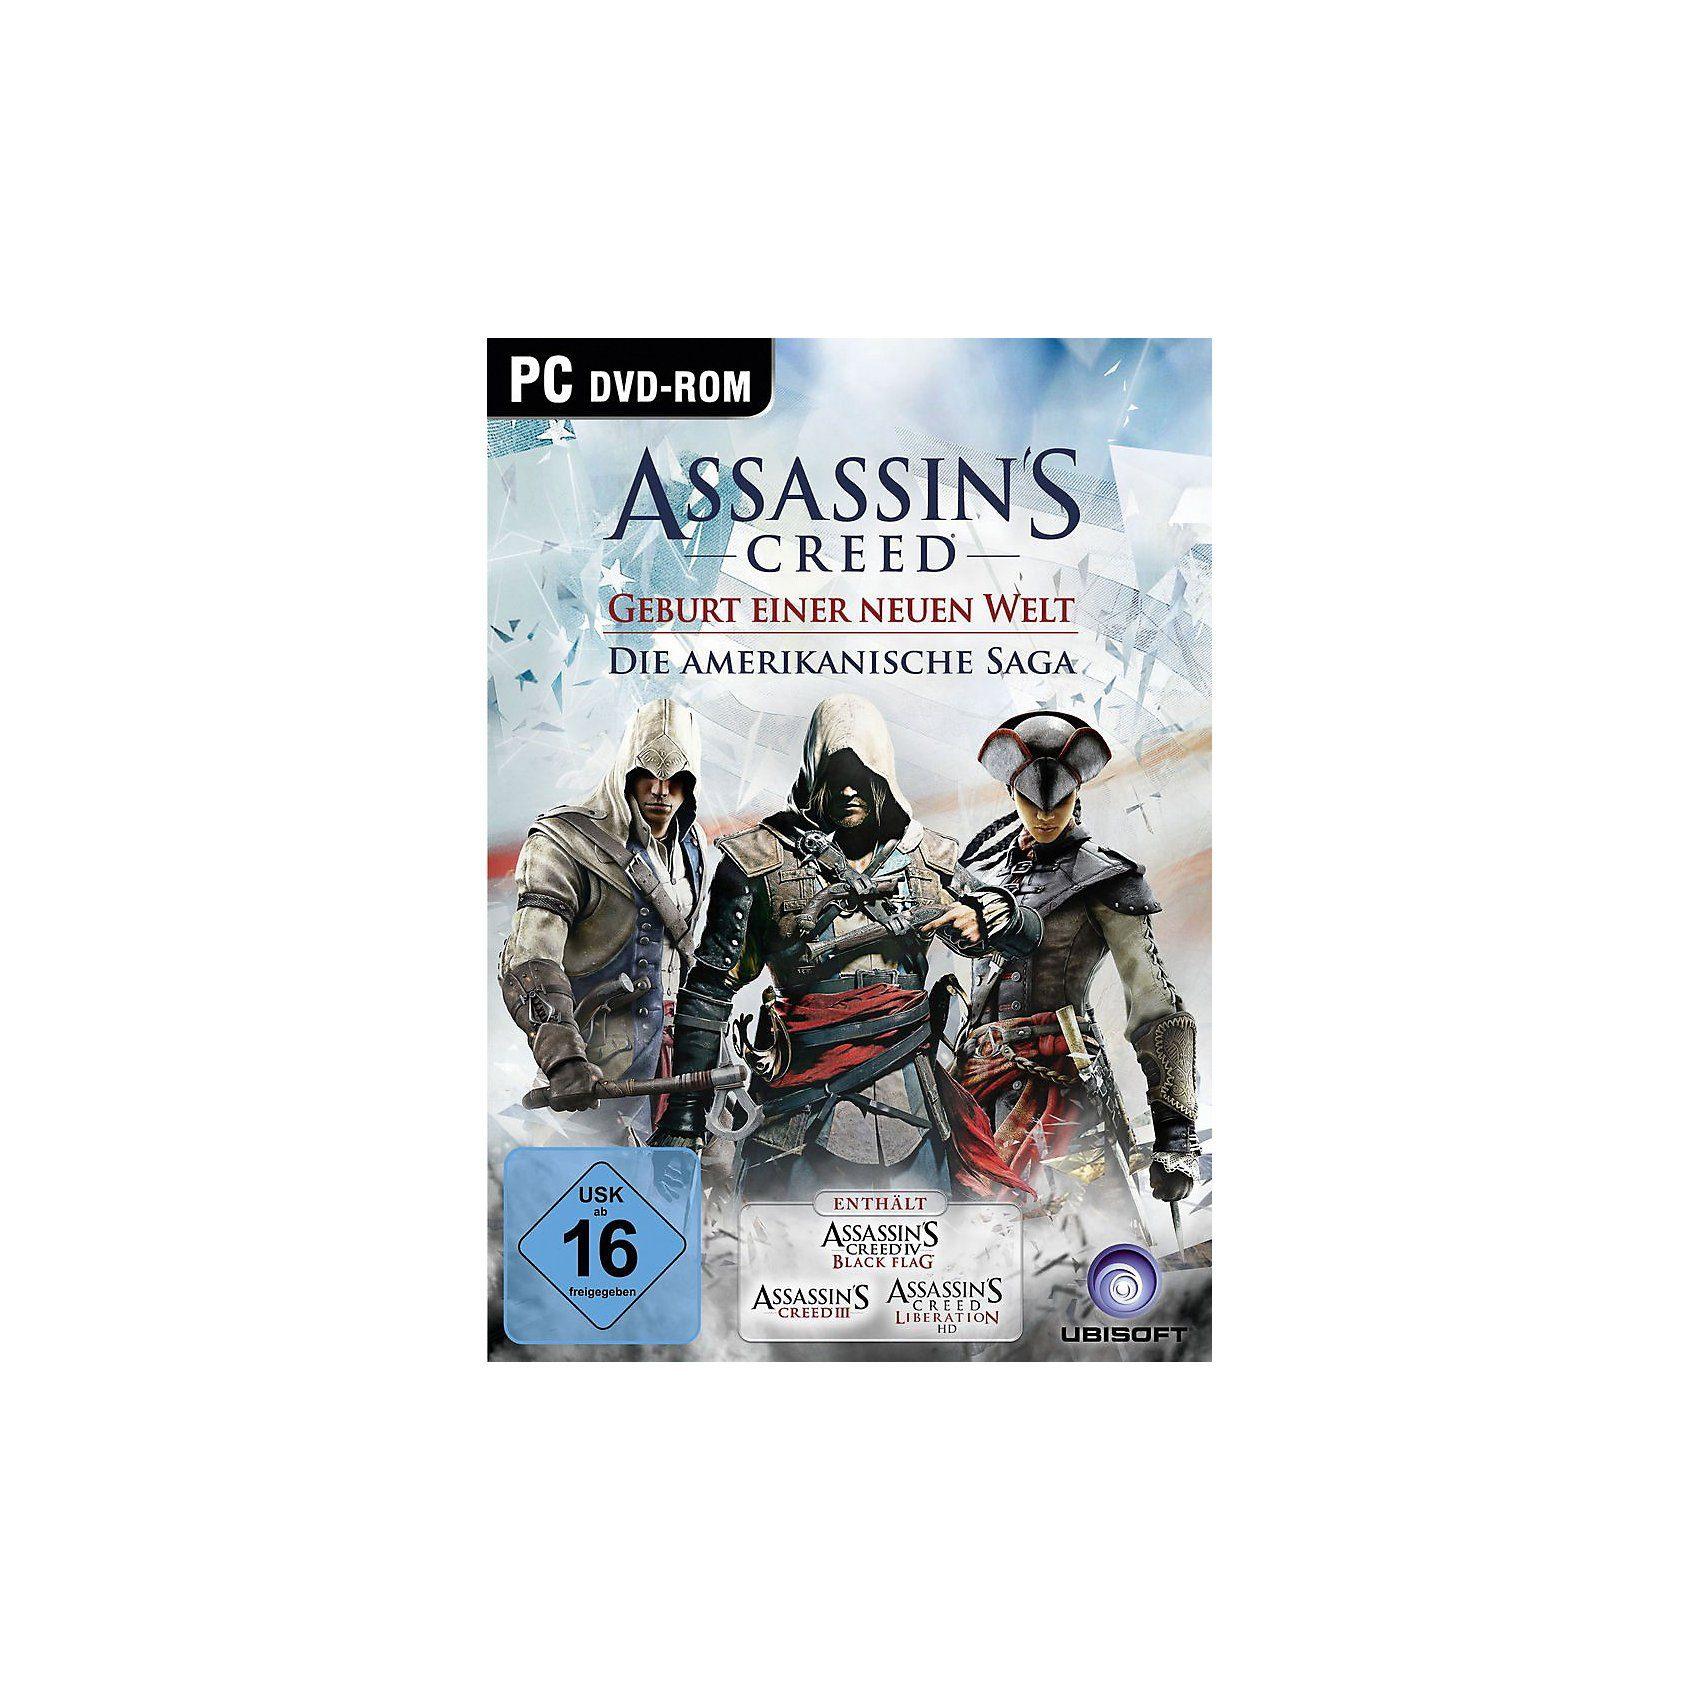 PC Assassins Creed - Die Amerikanische Saga